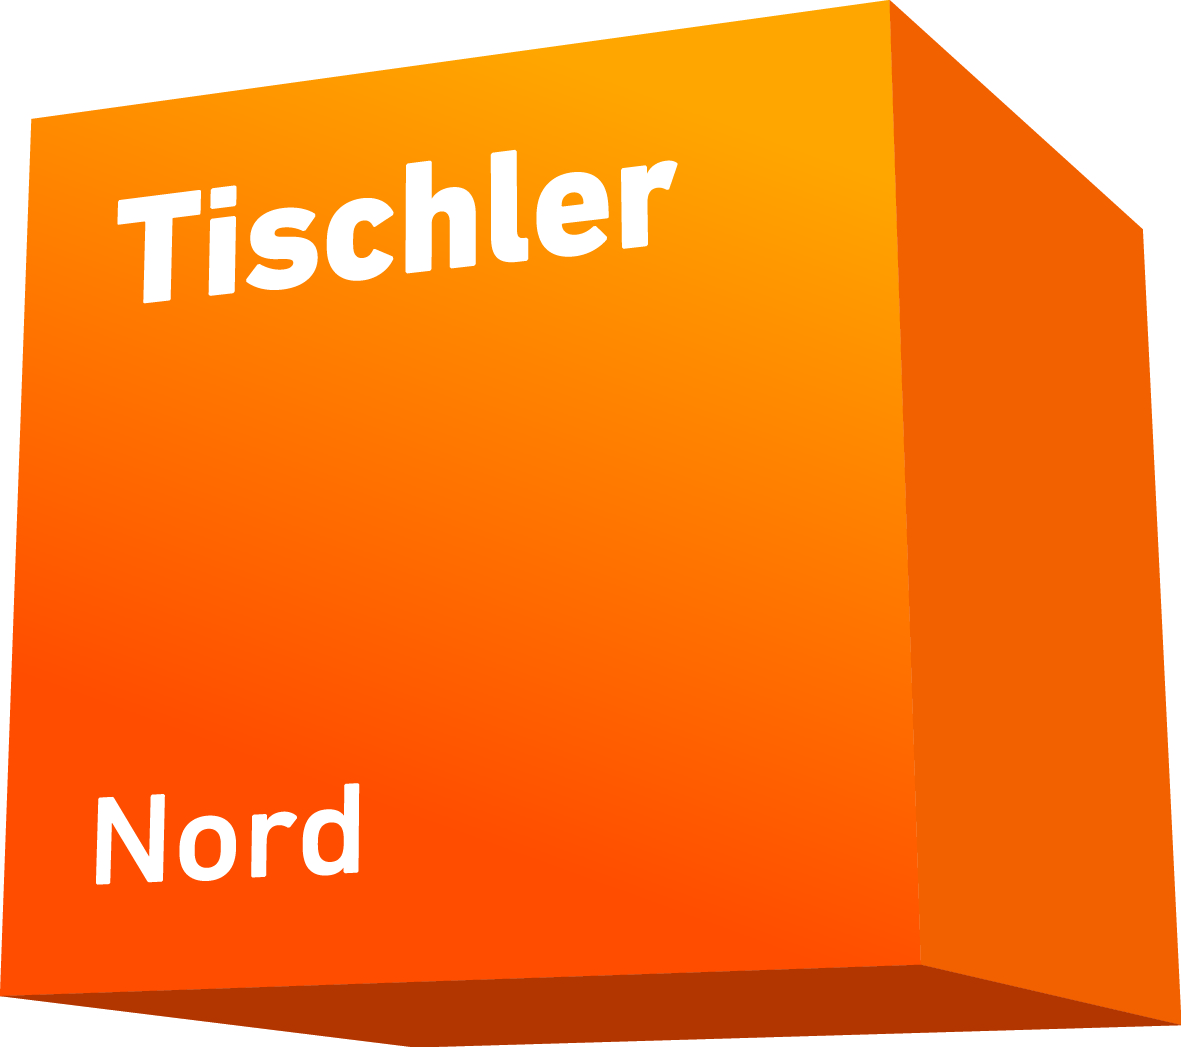 tischler-nord